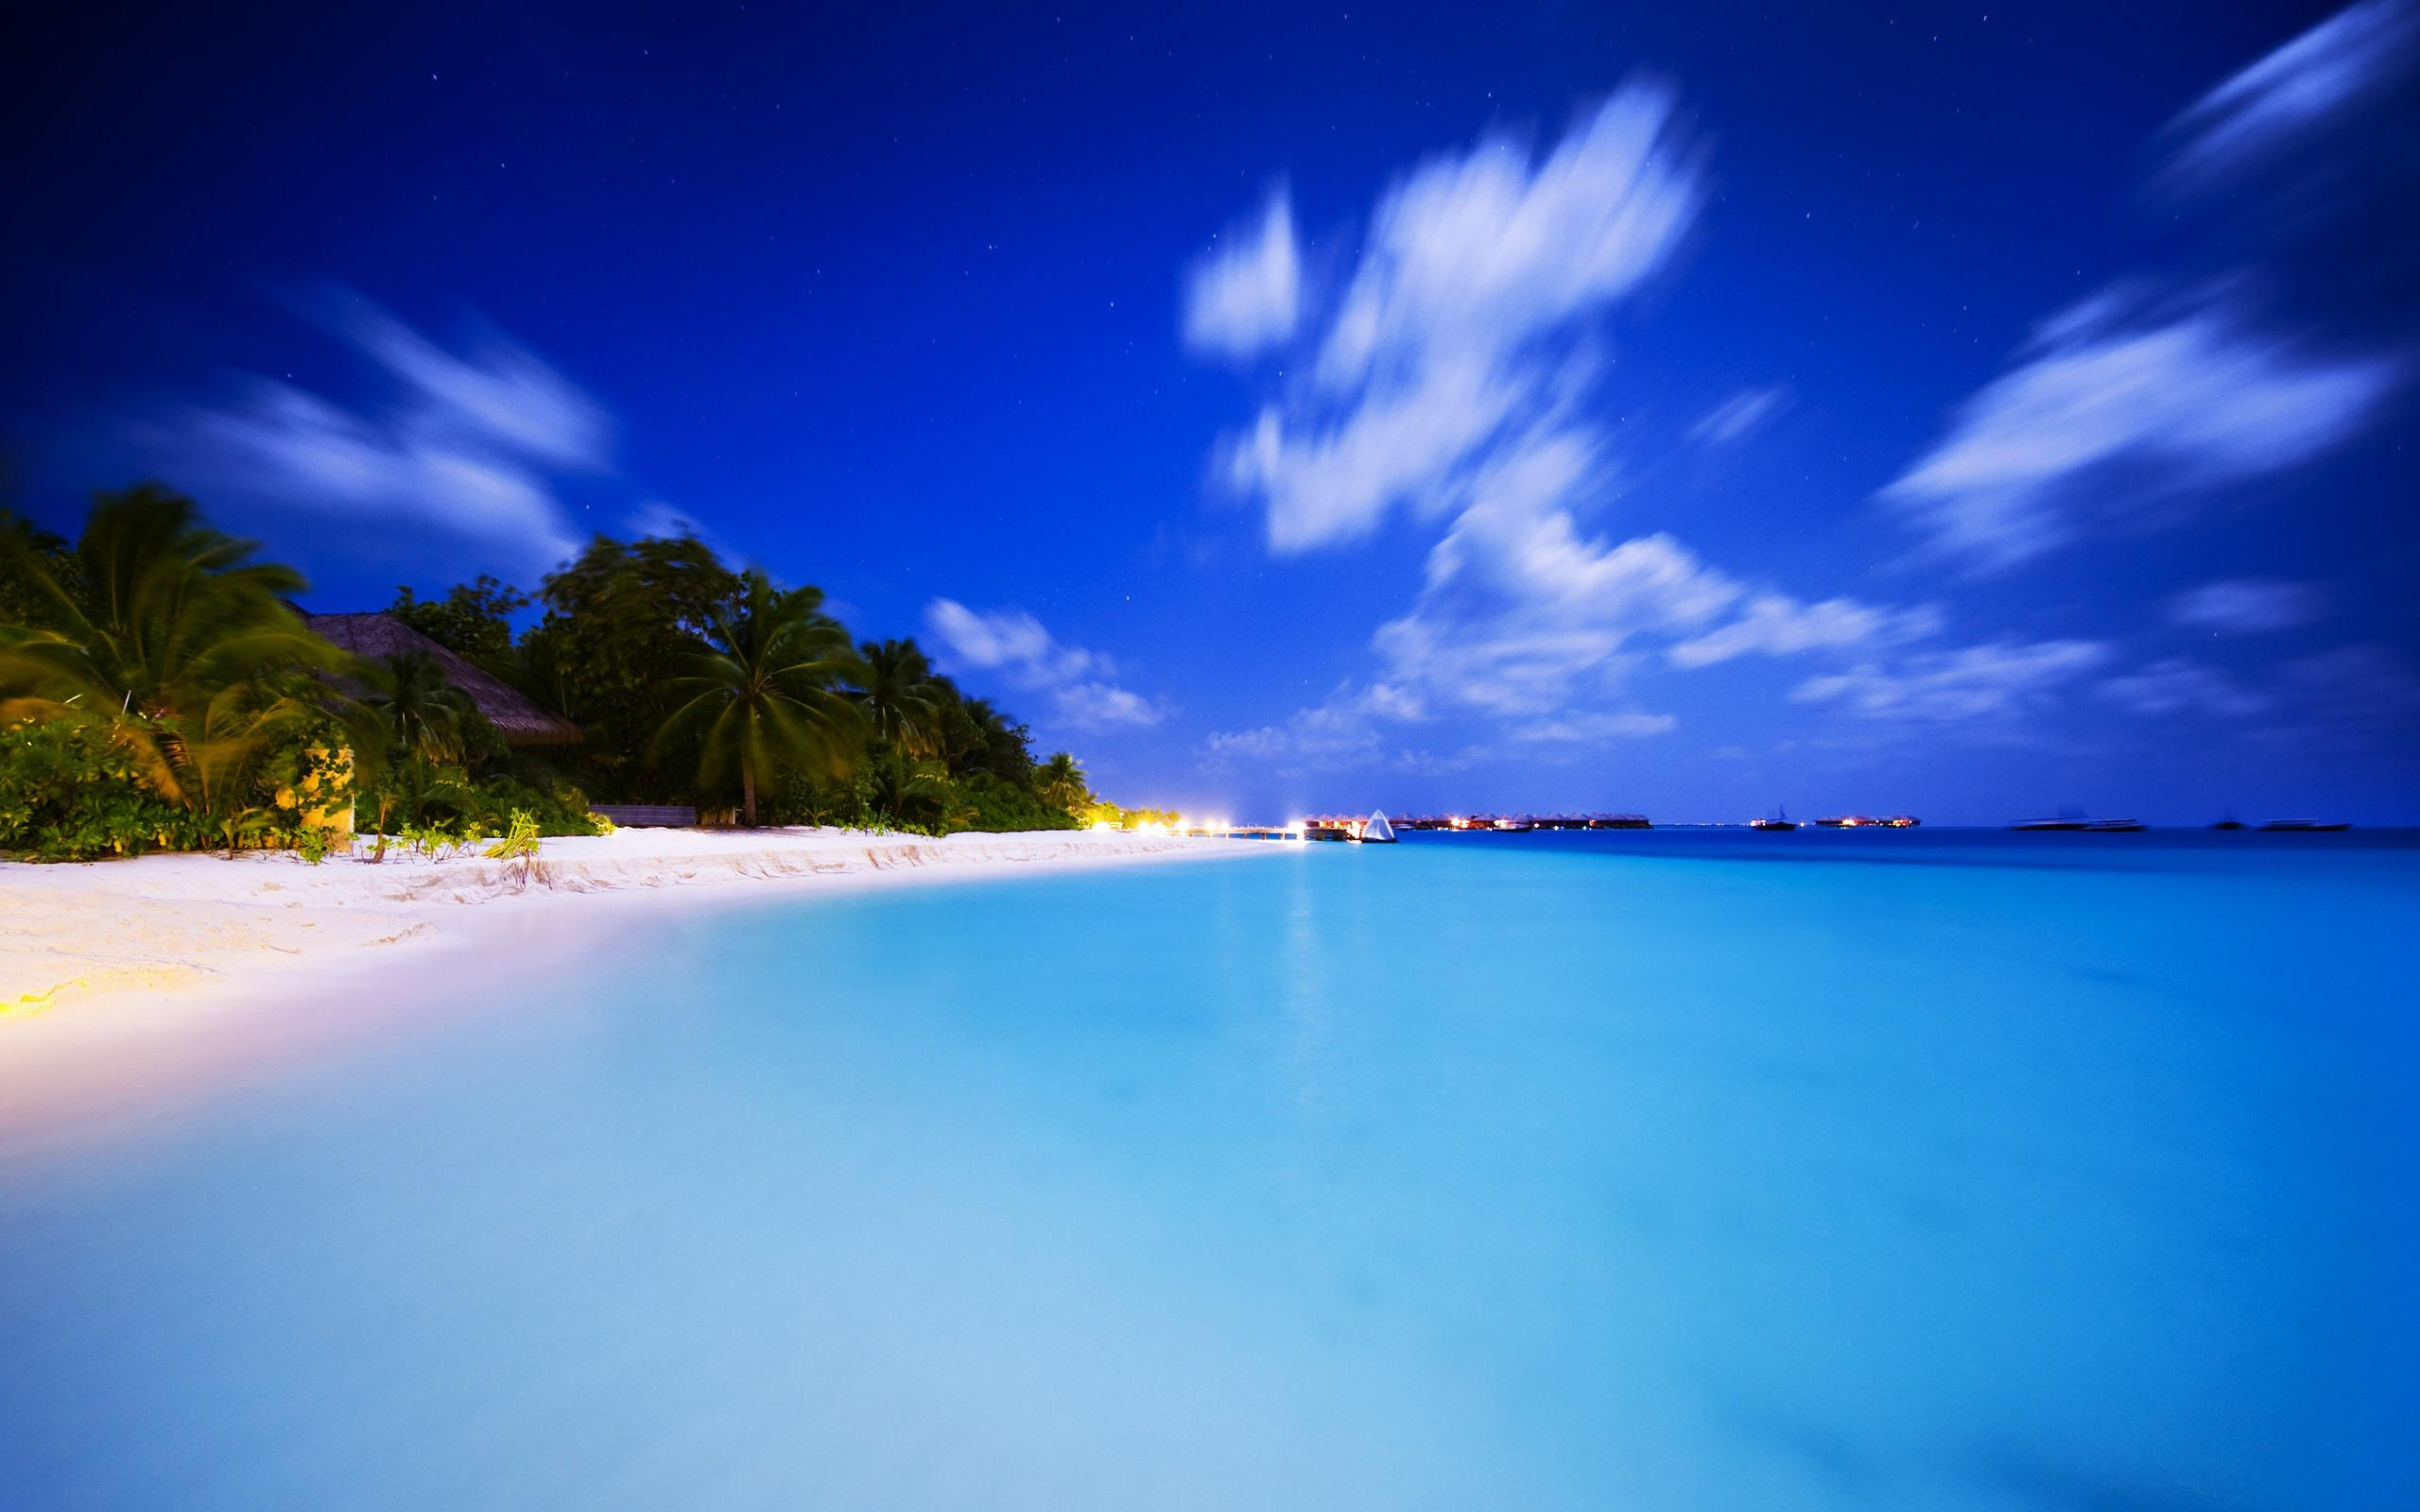 马尔代夫高清海岛风景桌面电脑壁纸图片